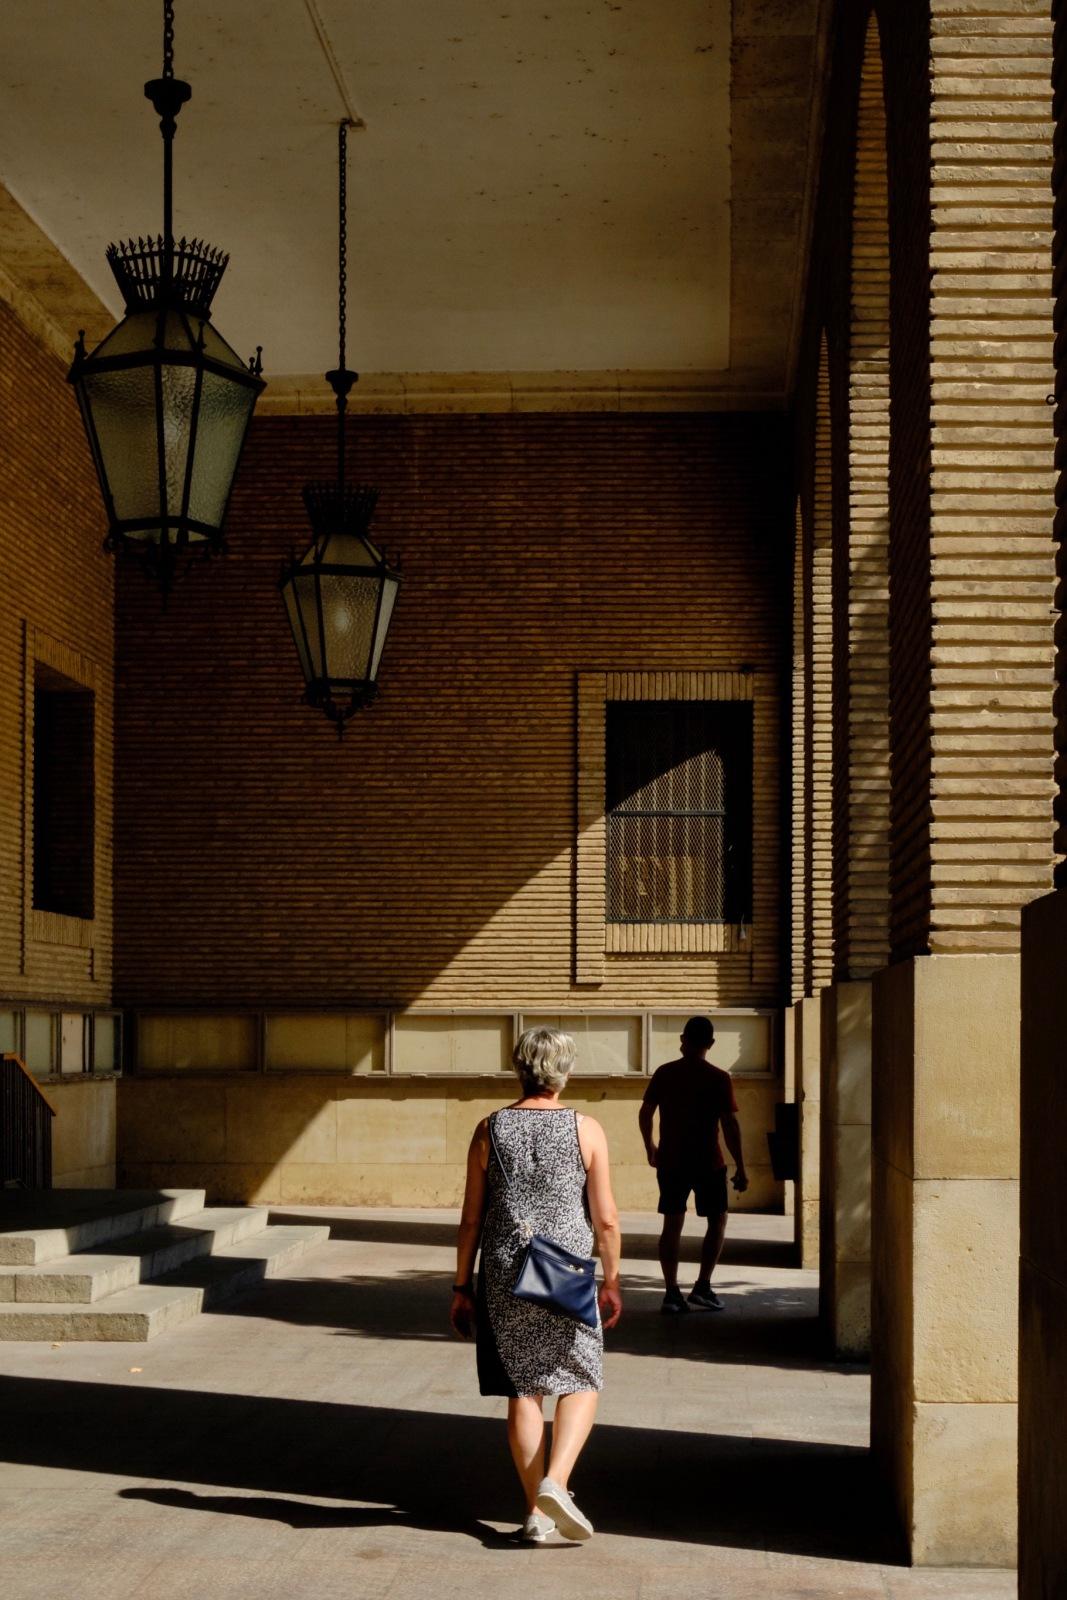 Taller de Composición Fotográfica Urbana Zaragoza con Rober Tomas http://robertomasfoto.com